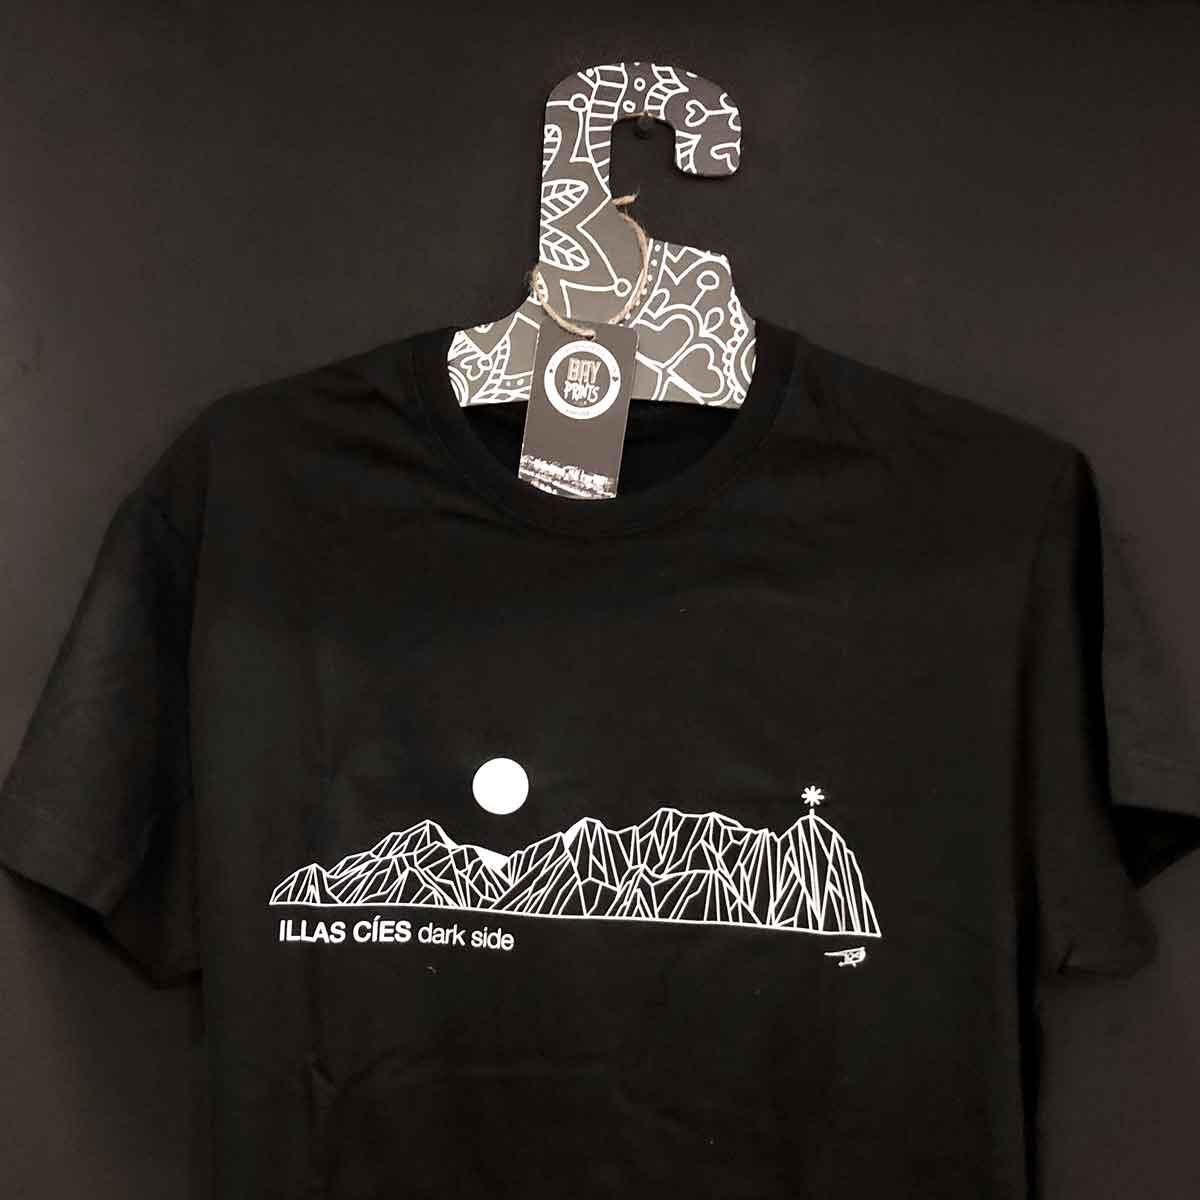 camiseta illas cies islas cies cies islands tshirt camiseta cies online bayprints baiona souvenirs creativos singulares exclusivos